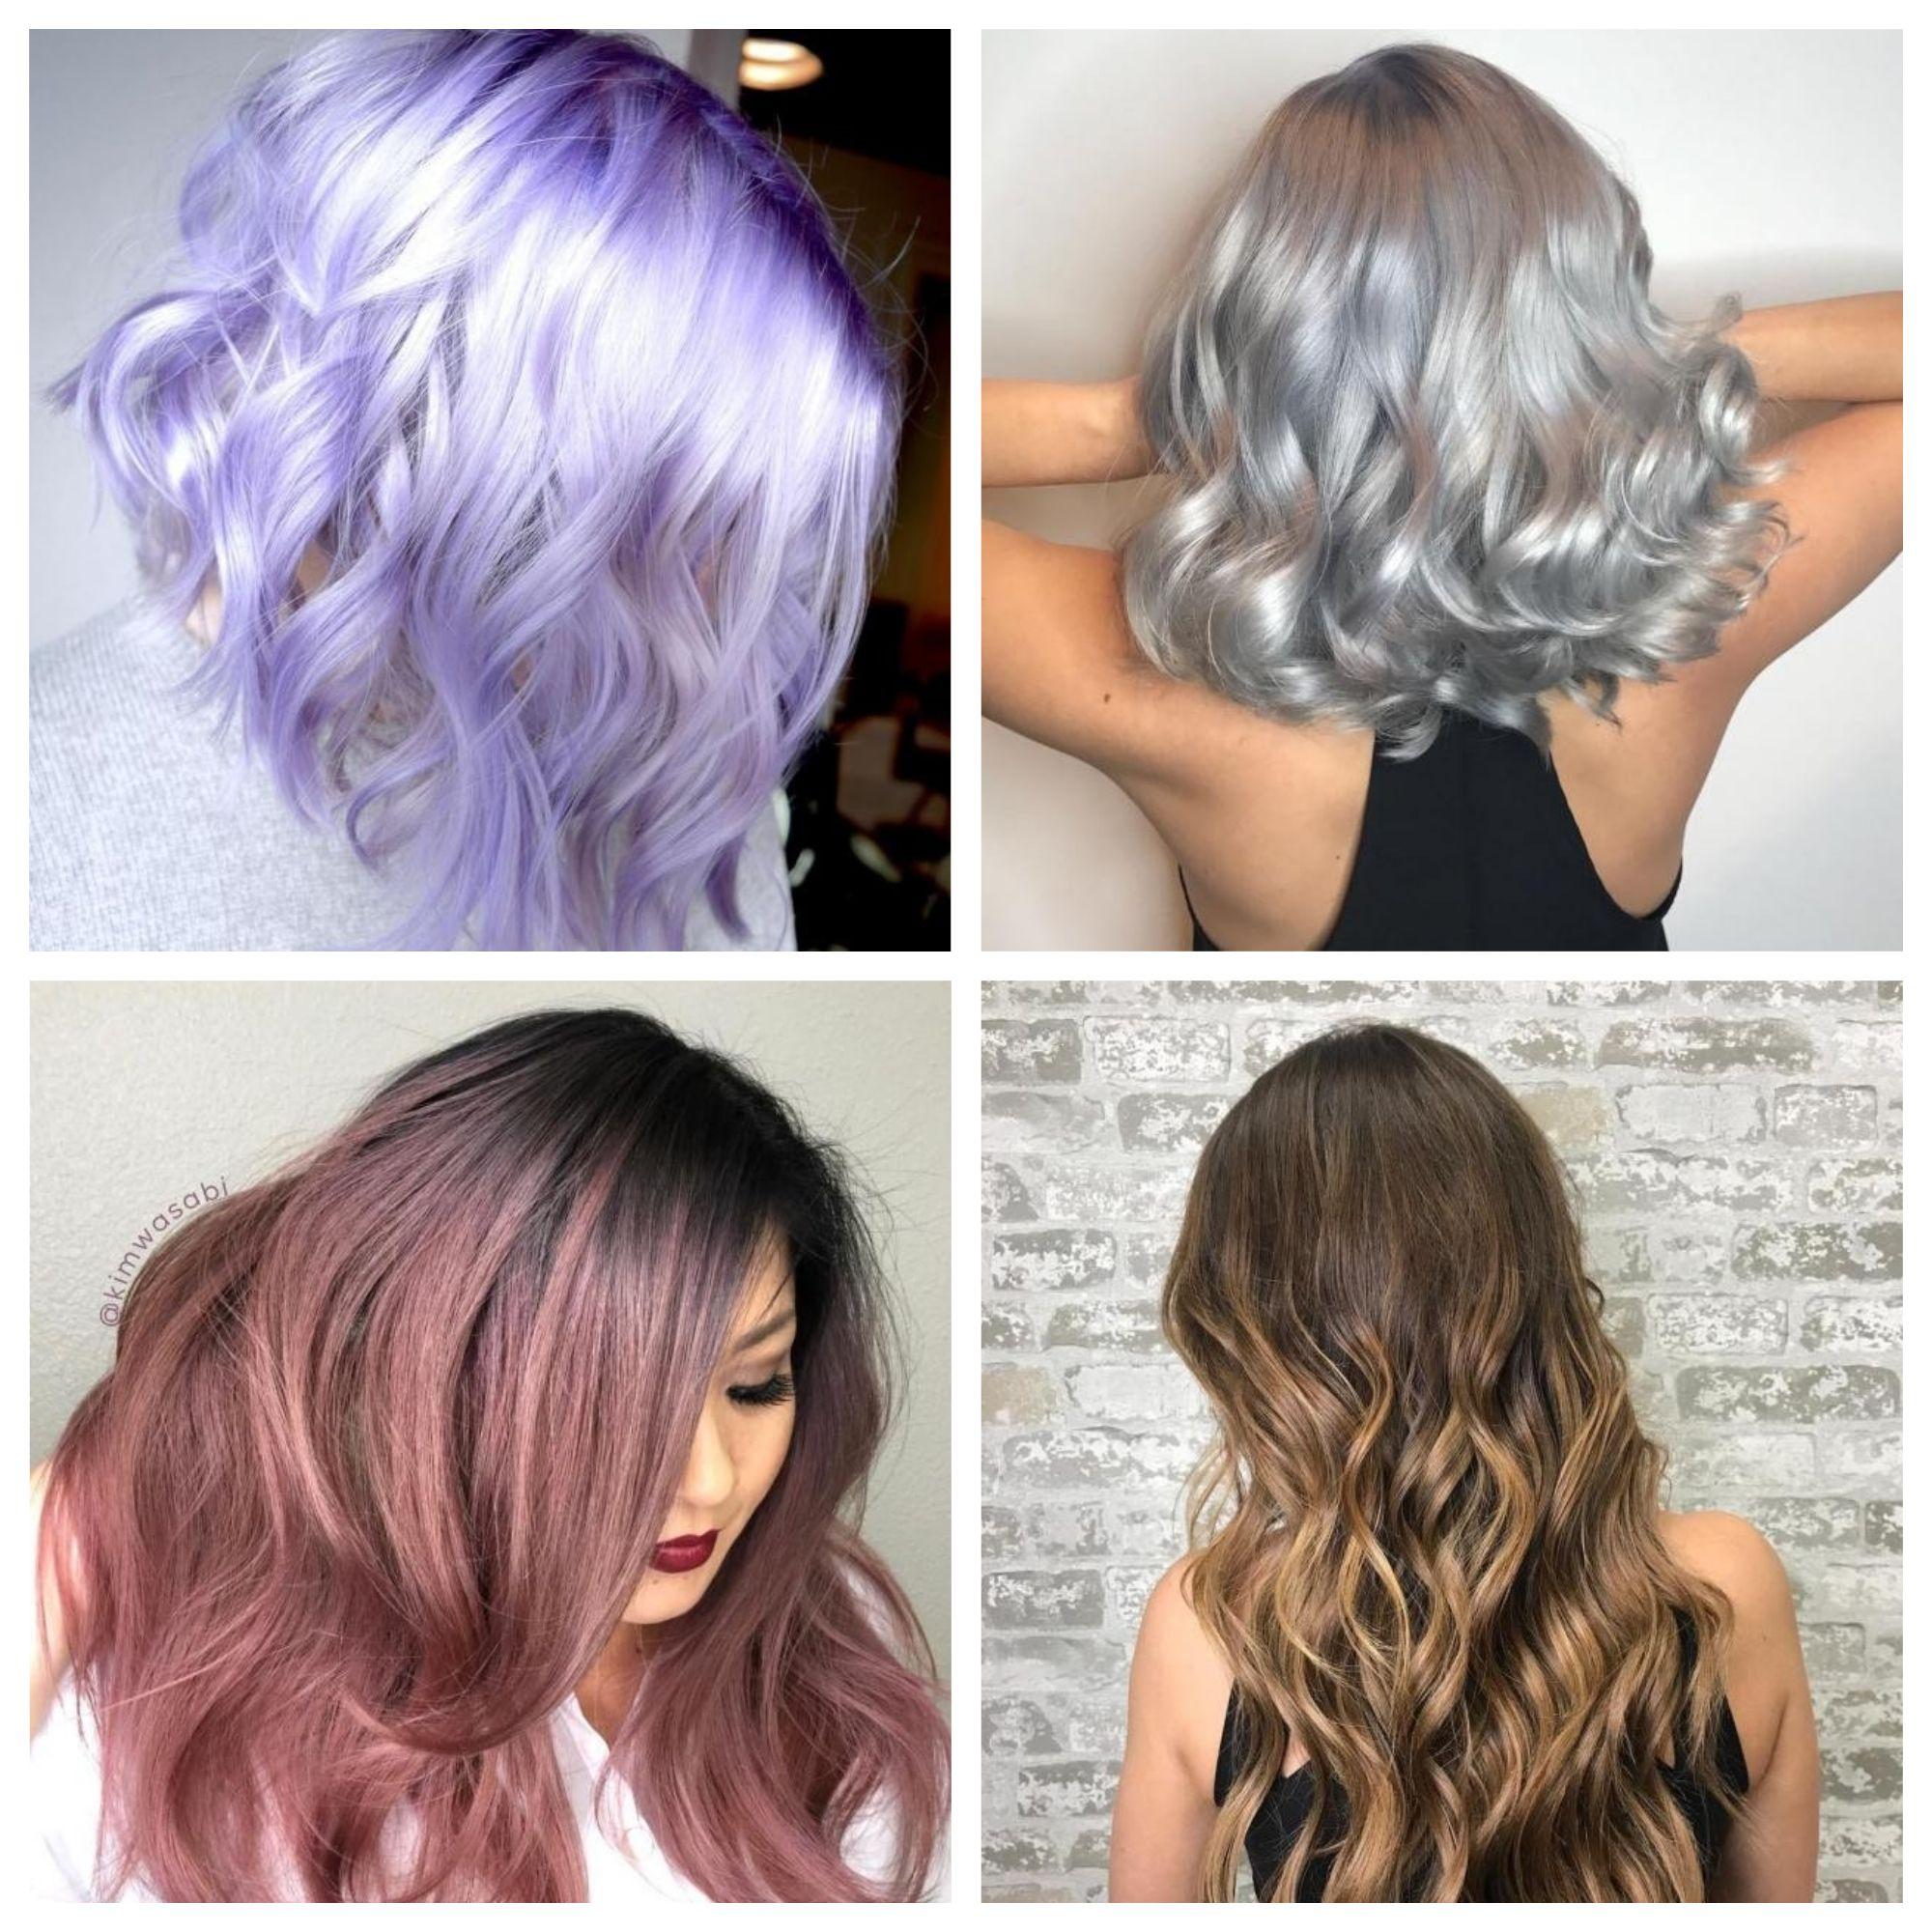 Sinnliche Metallische Haarfarben Fur Den Herbst Beauty Einfache